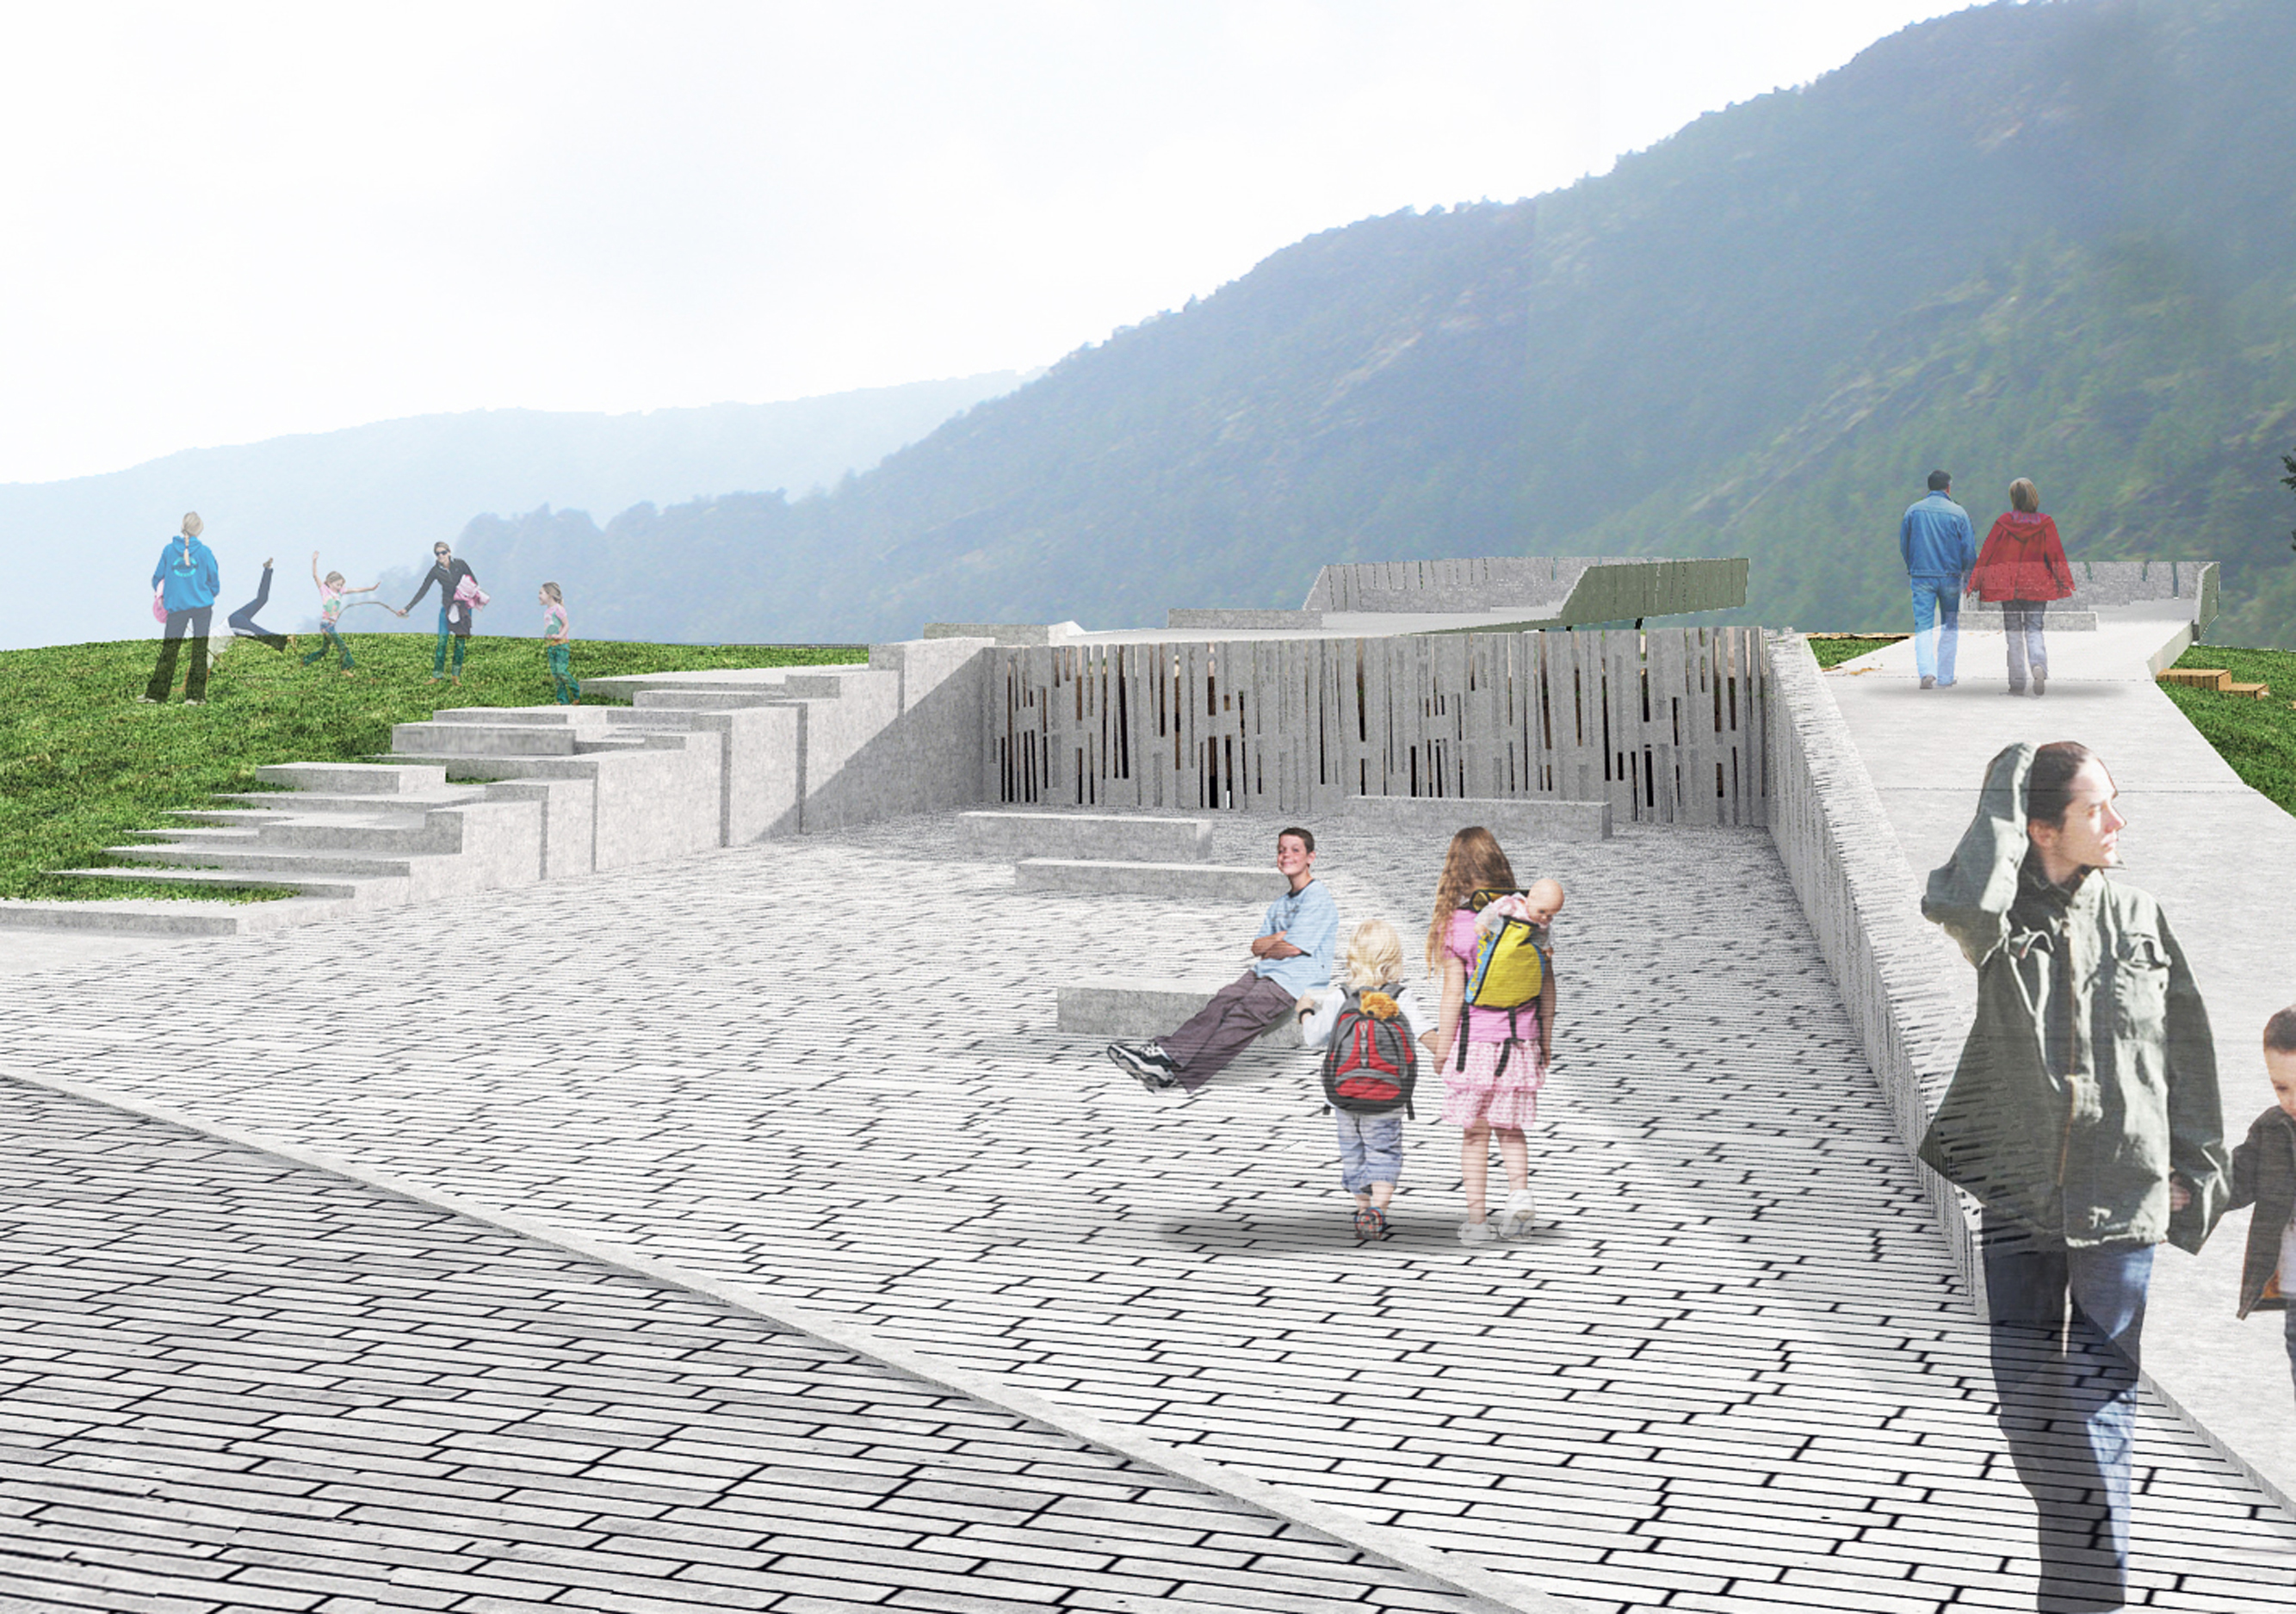 piazza-castello-2010-Aosta-03